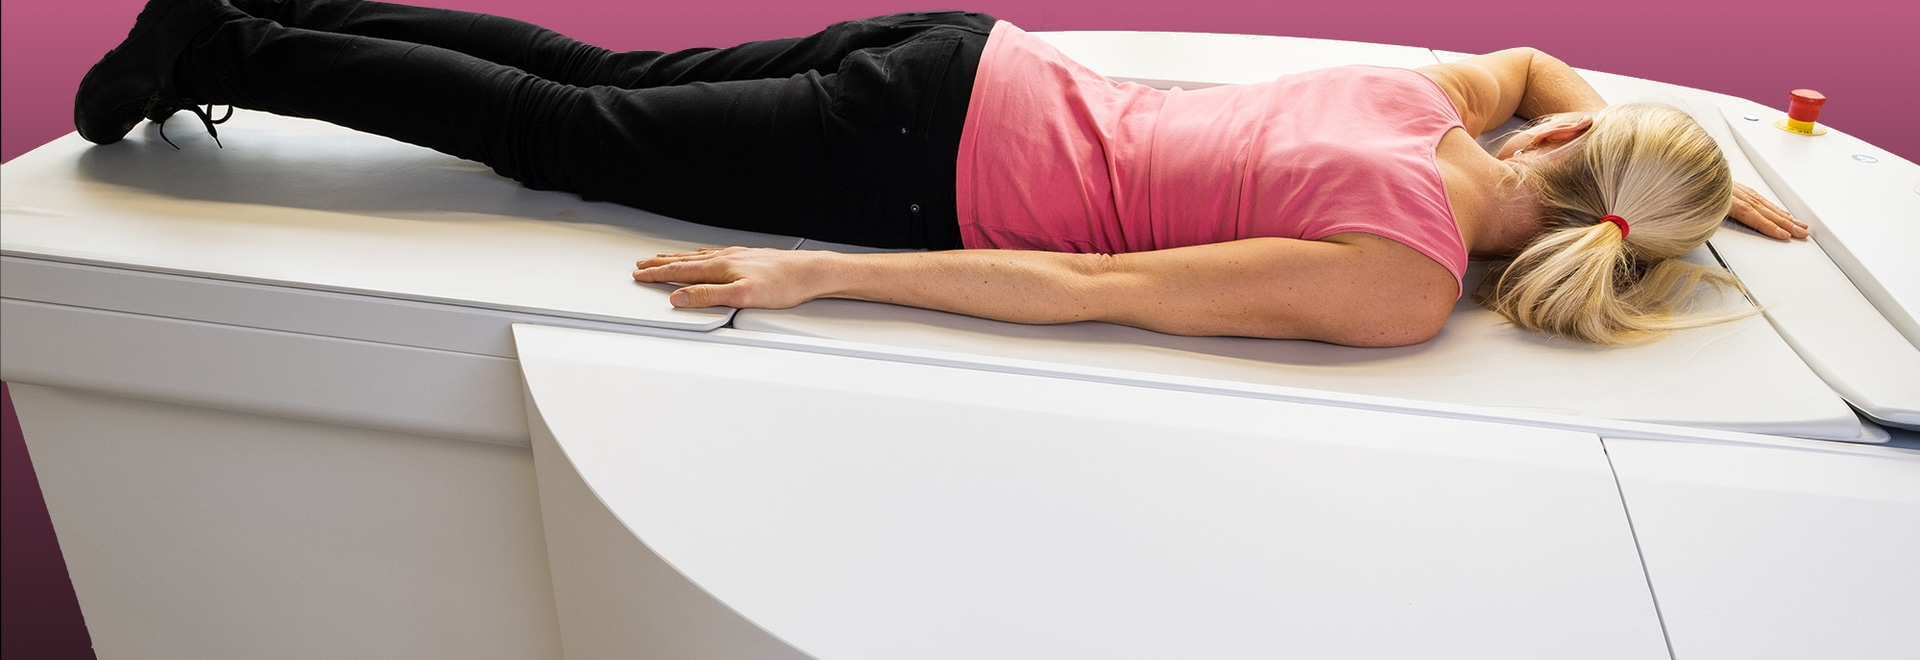 Le premier scanner mammaire spiralé au monde